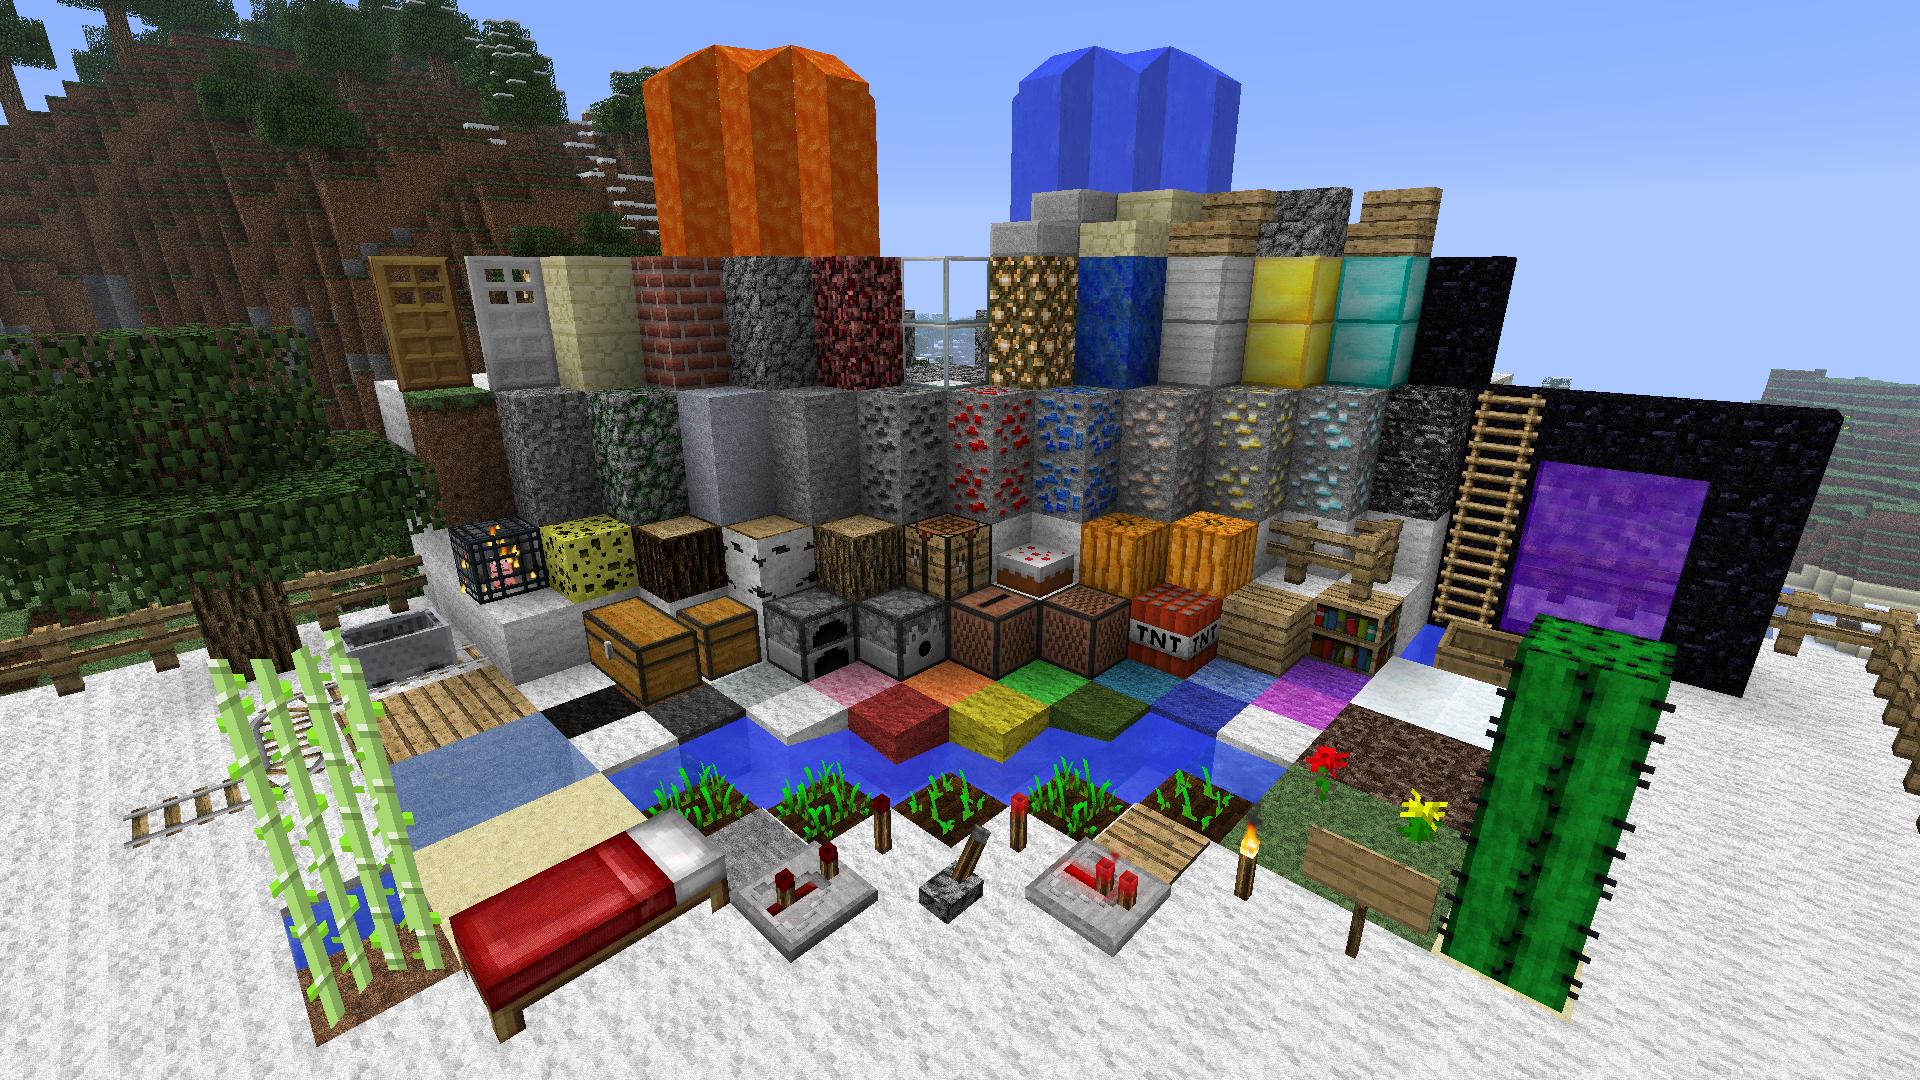 Tous les blocs de R3d craft